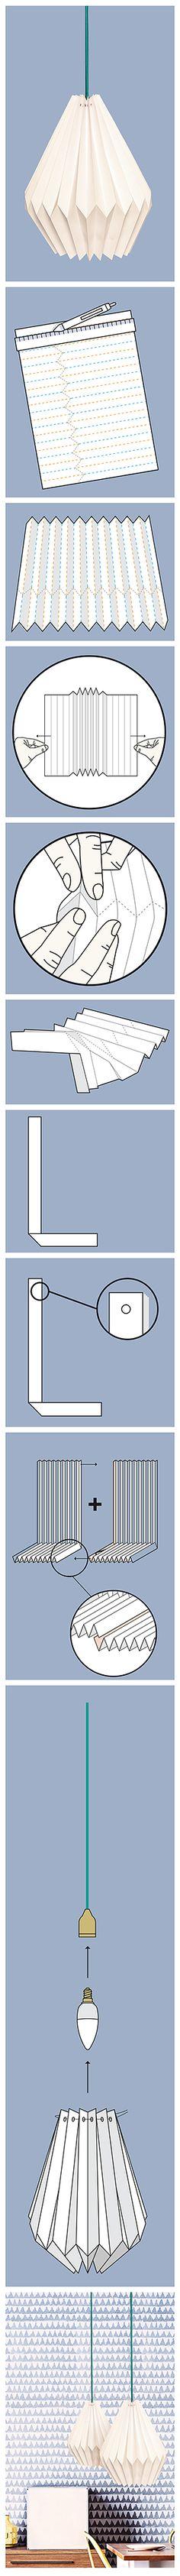 DIY Origami-Lampen: Ob für die eigenen vier Wände oder als Geschenk: Selbst gemachte Lampenschirme aus gefaltetem Papier sind hochmodern.  Die Anleitung gibt es auch in der aktuellen Ausgabe der ALDI inspiriert auf S. 48 (http://catalog.aldi.com/emag/de_DE/print/ALDI_inspiriert_0616_2/).